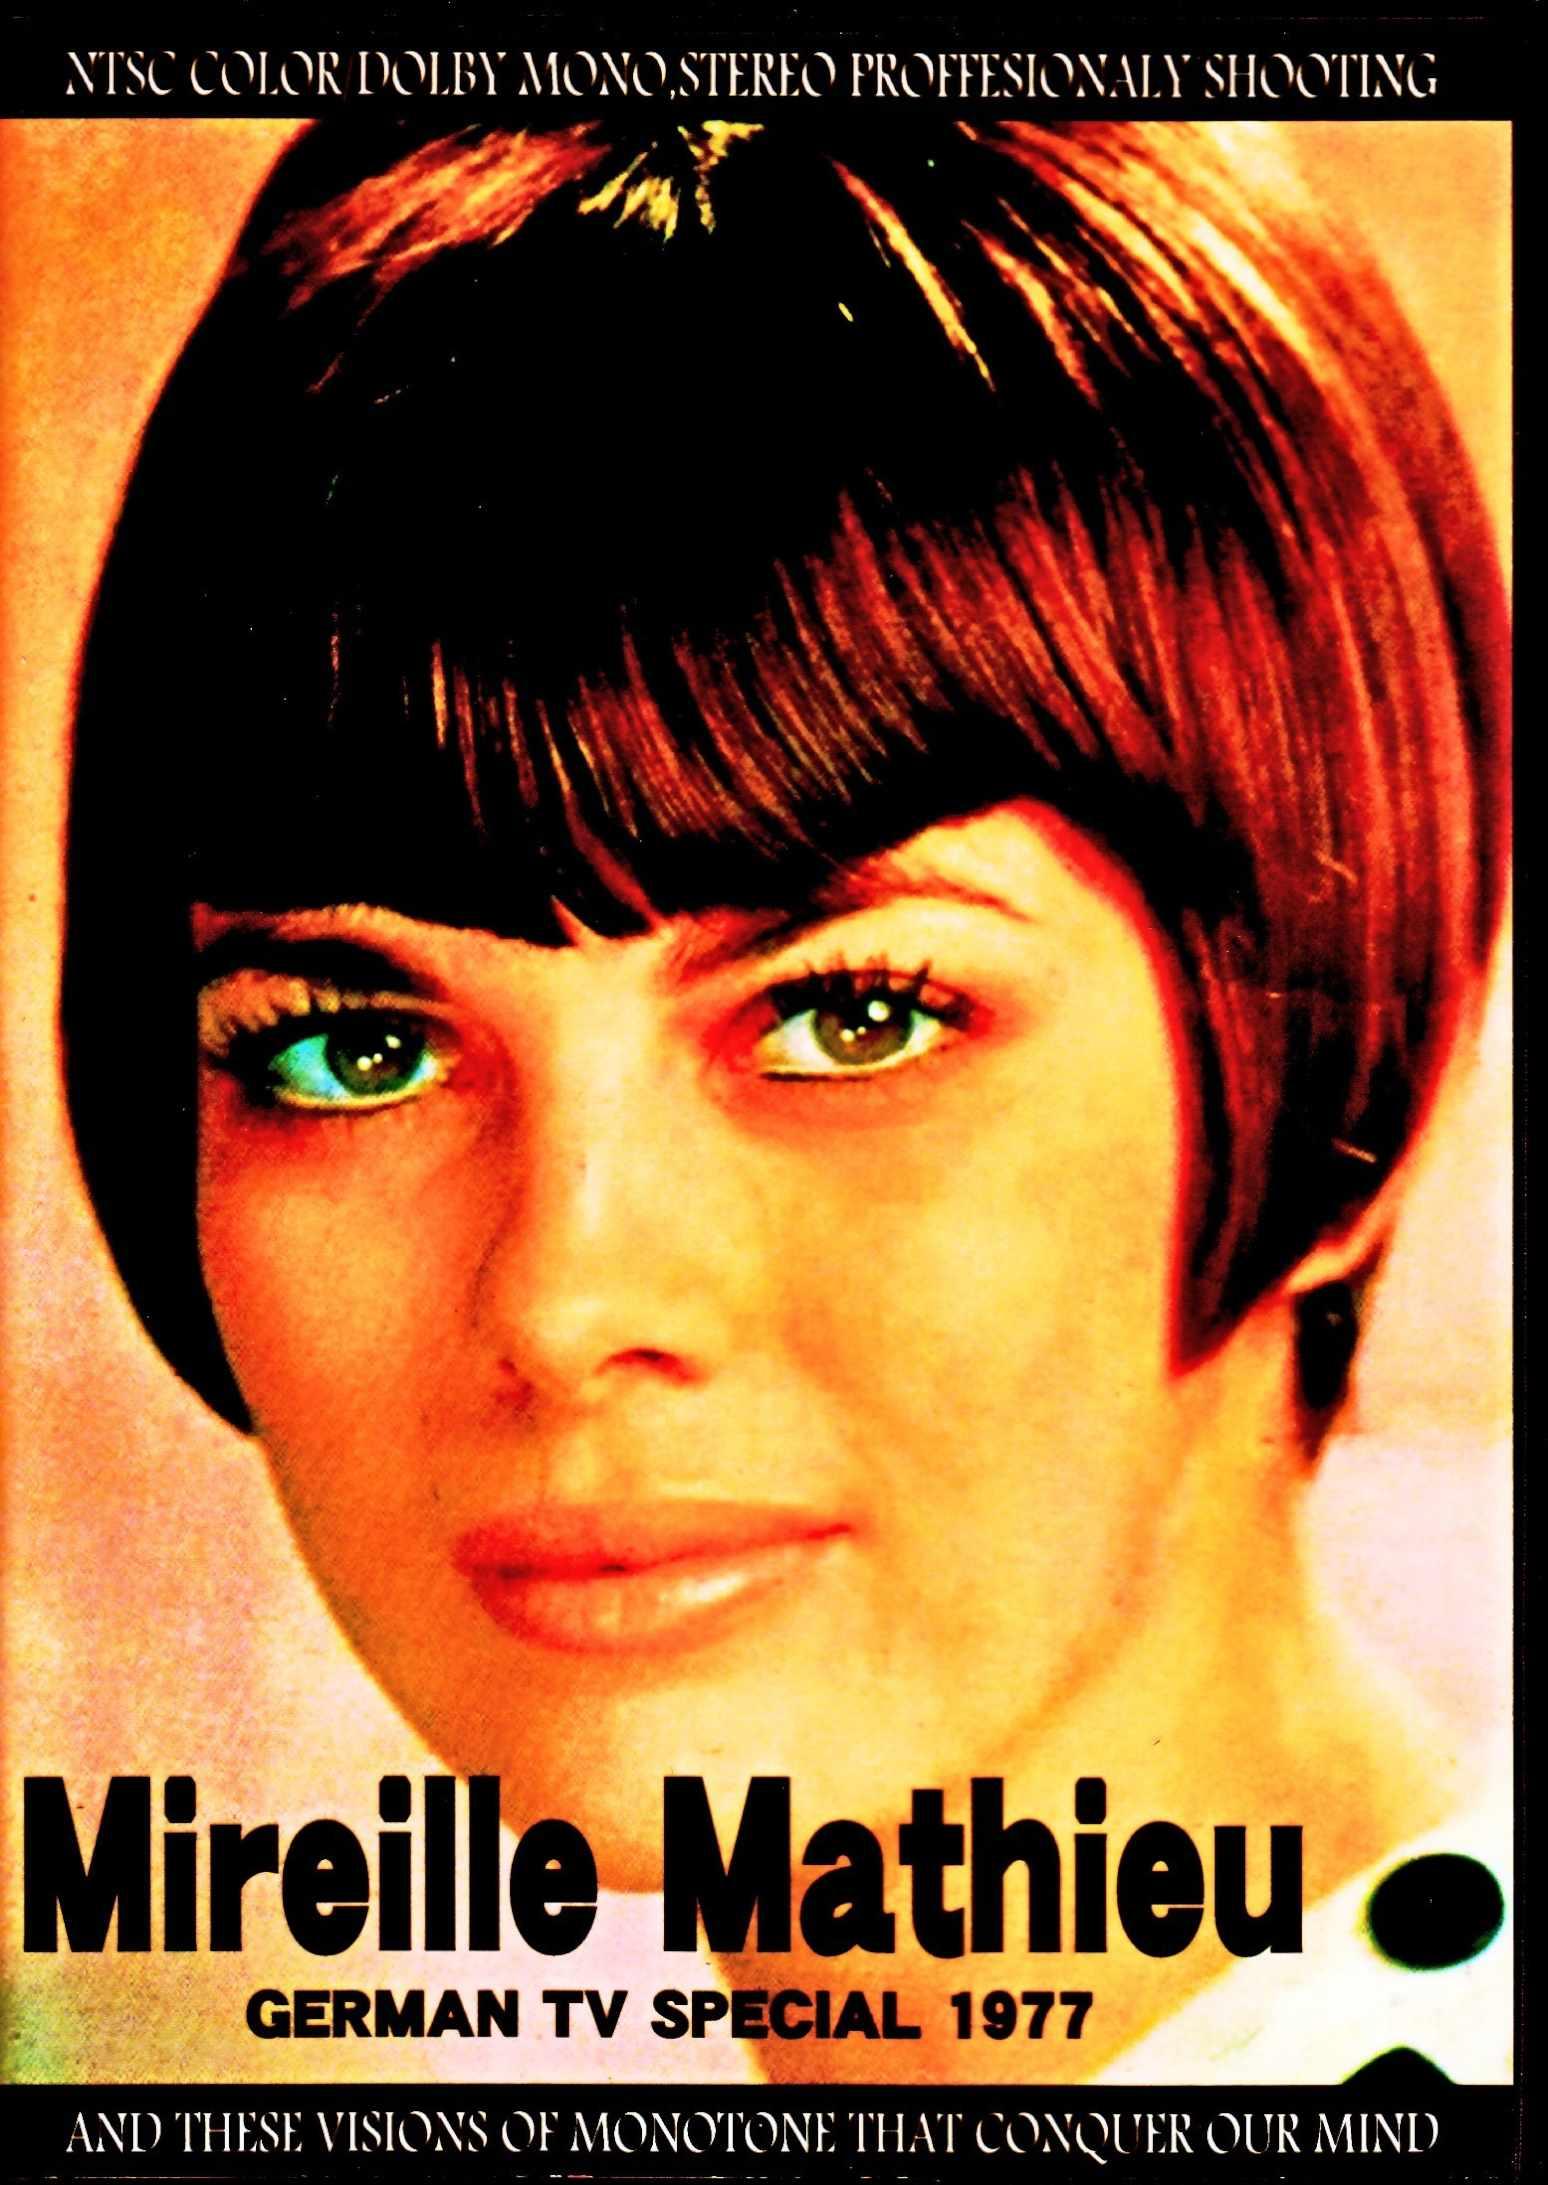 Mireille Mathieu ミレイユ・マチュー/ドイツのテレビ局プログラム・特別映像集 1977年